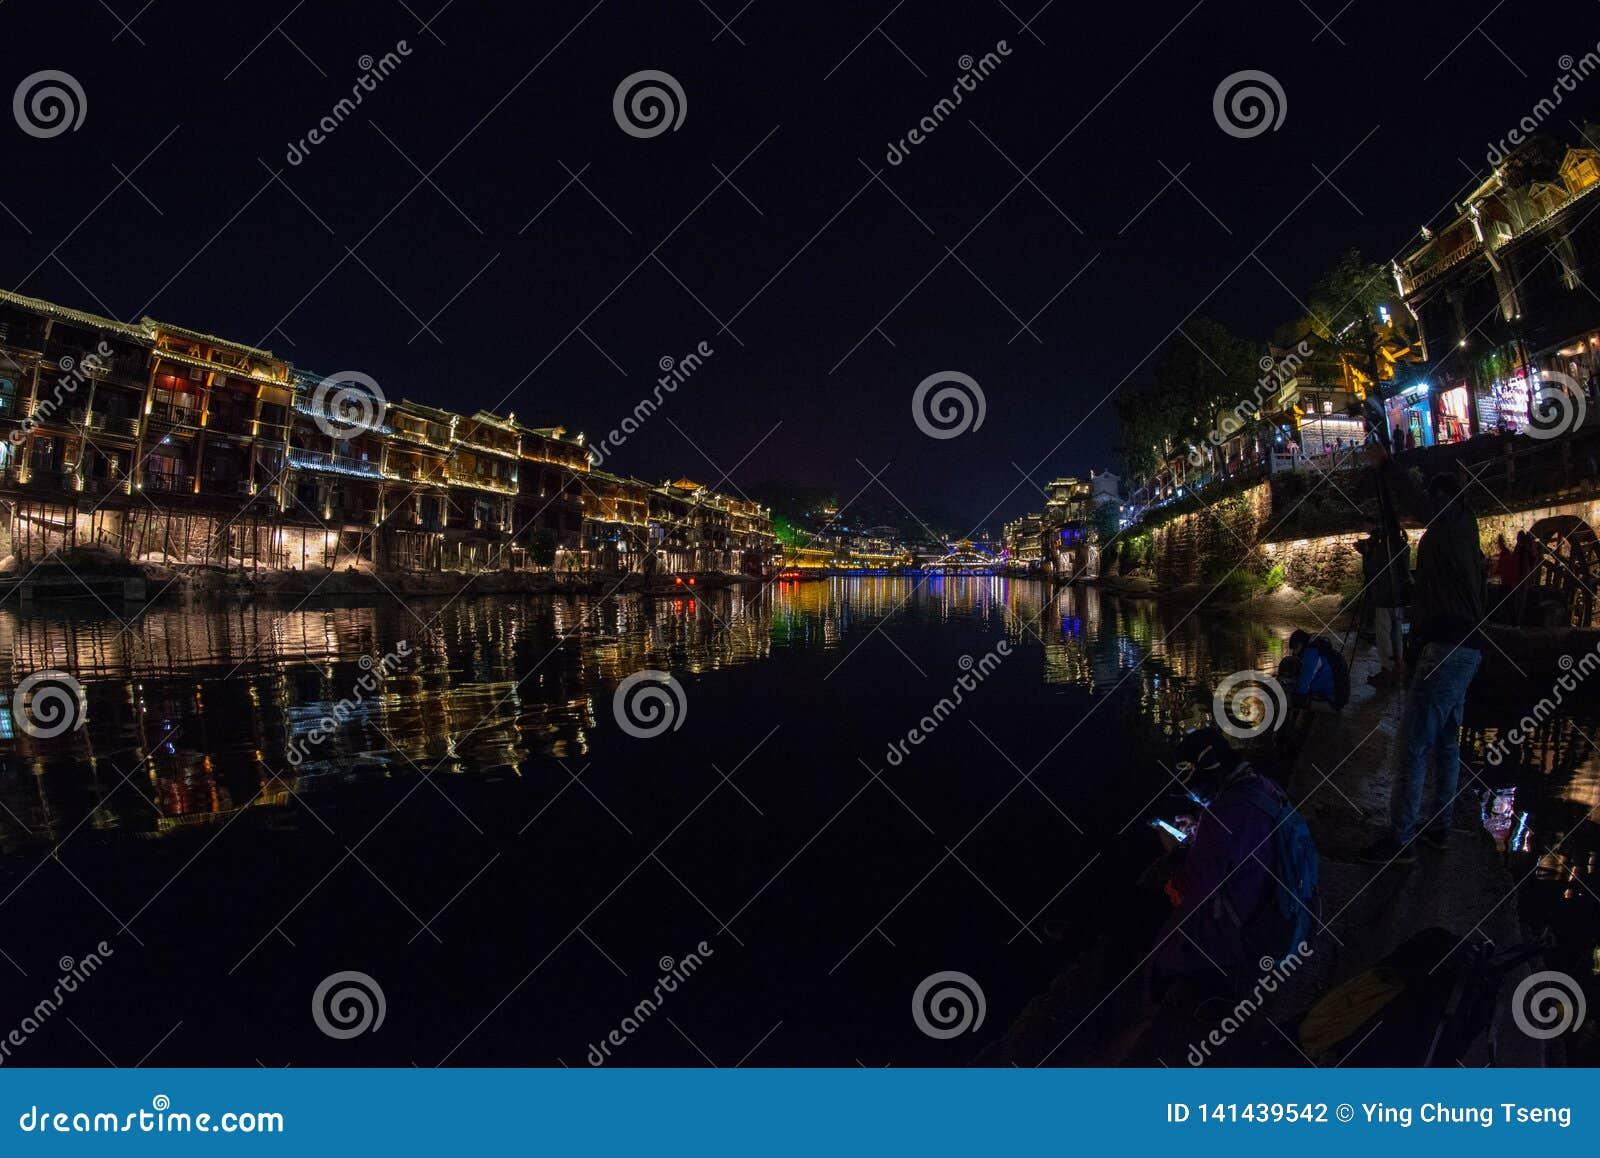 De nacht in de Oude Stad van Fenghuang is mooier